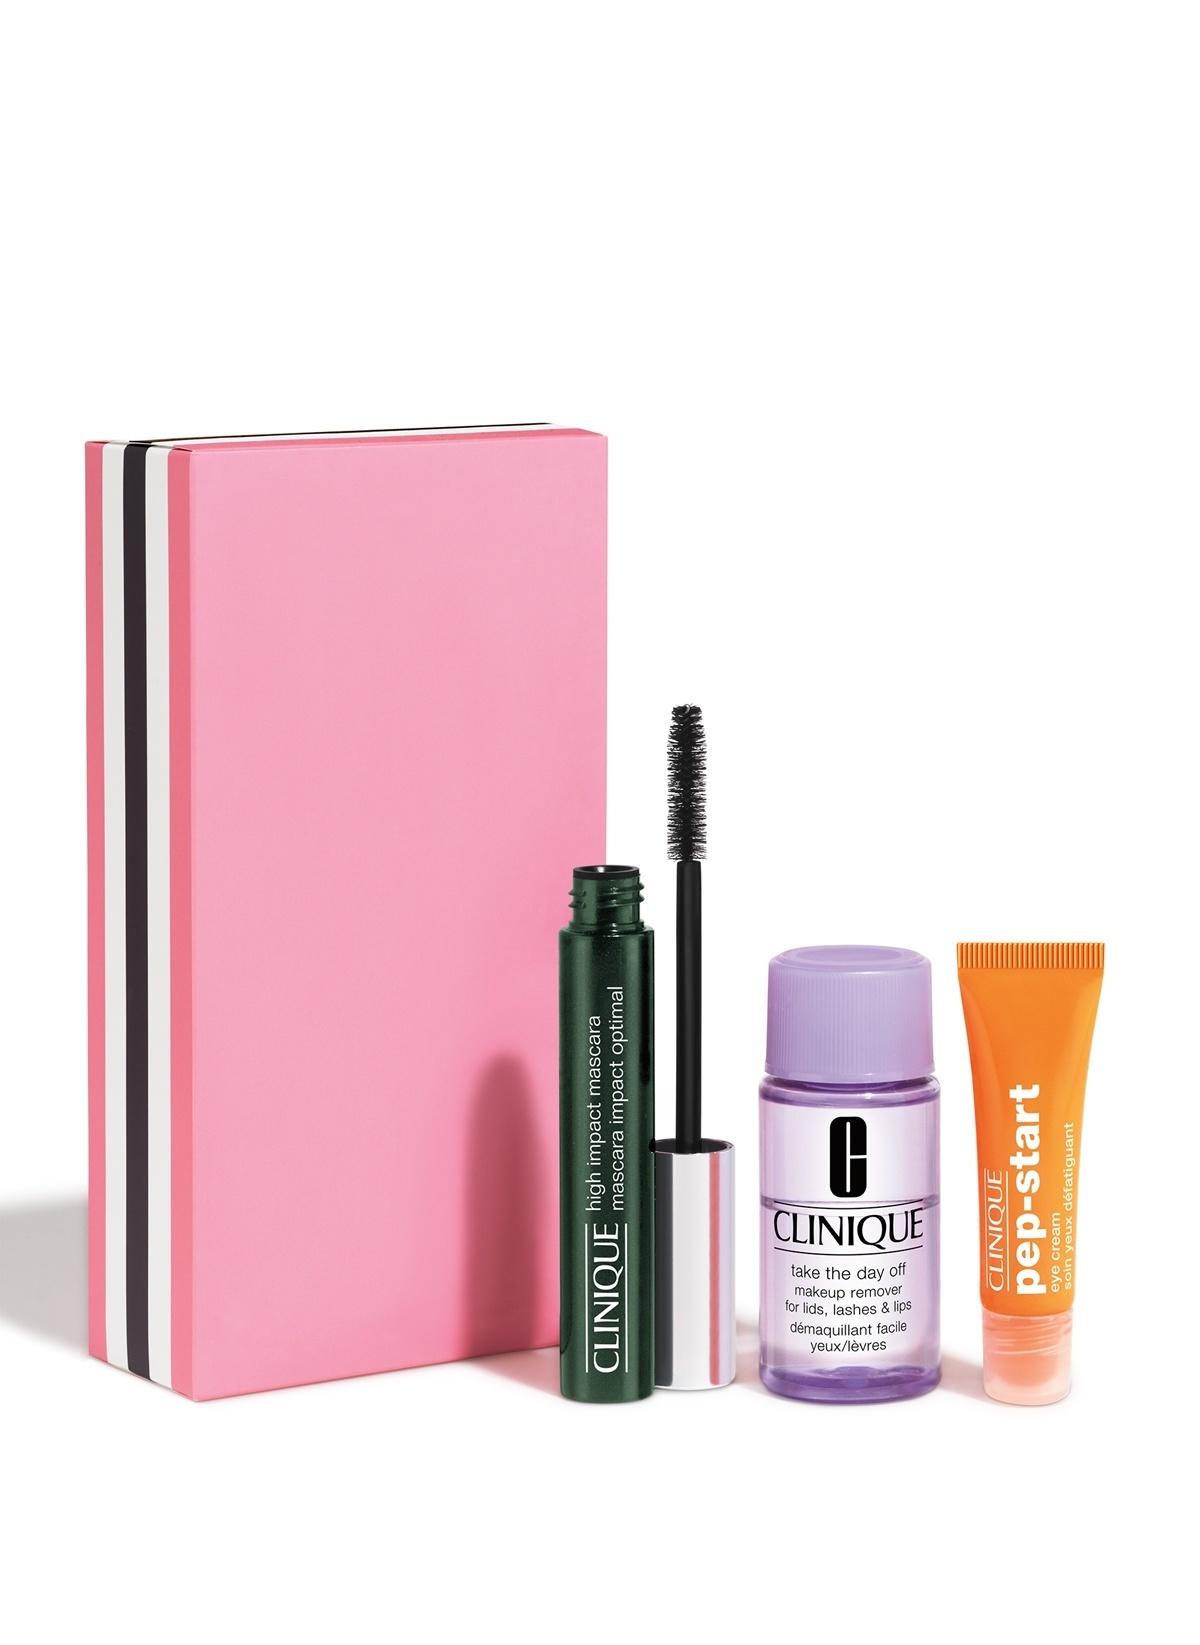 Clinique kozmetik ürünleri: müşteri yorumları